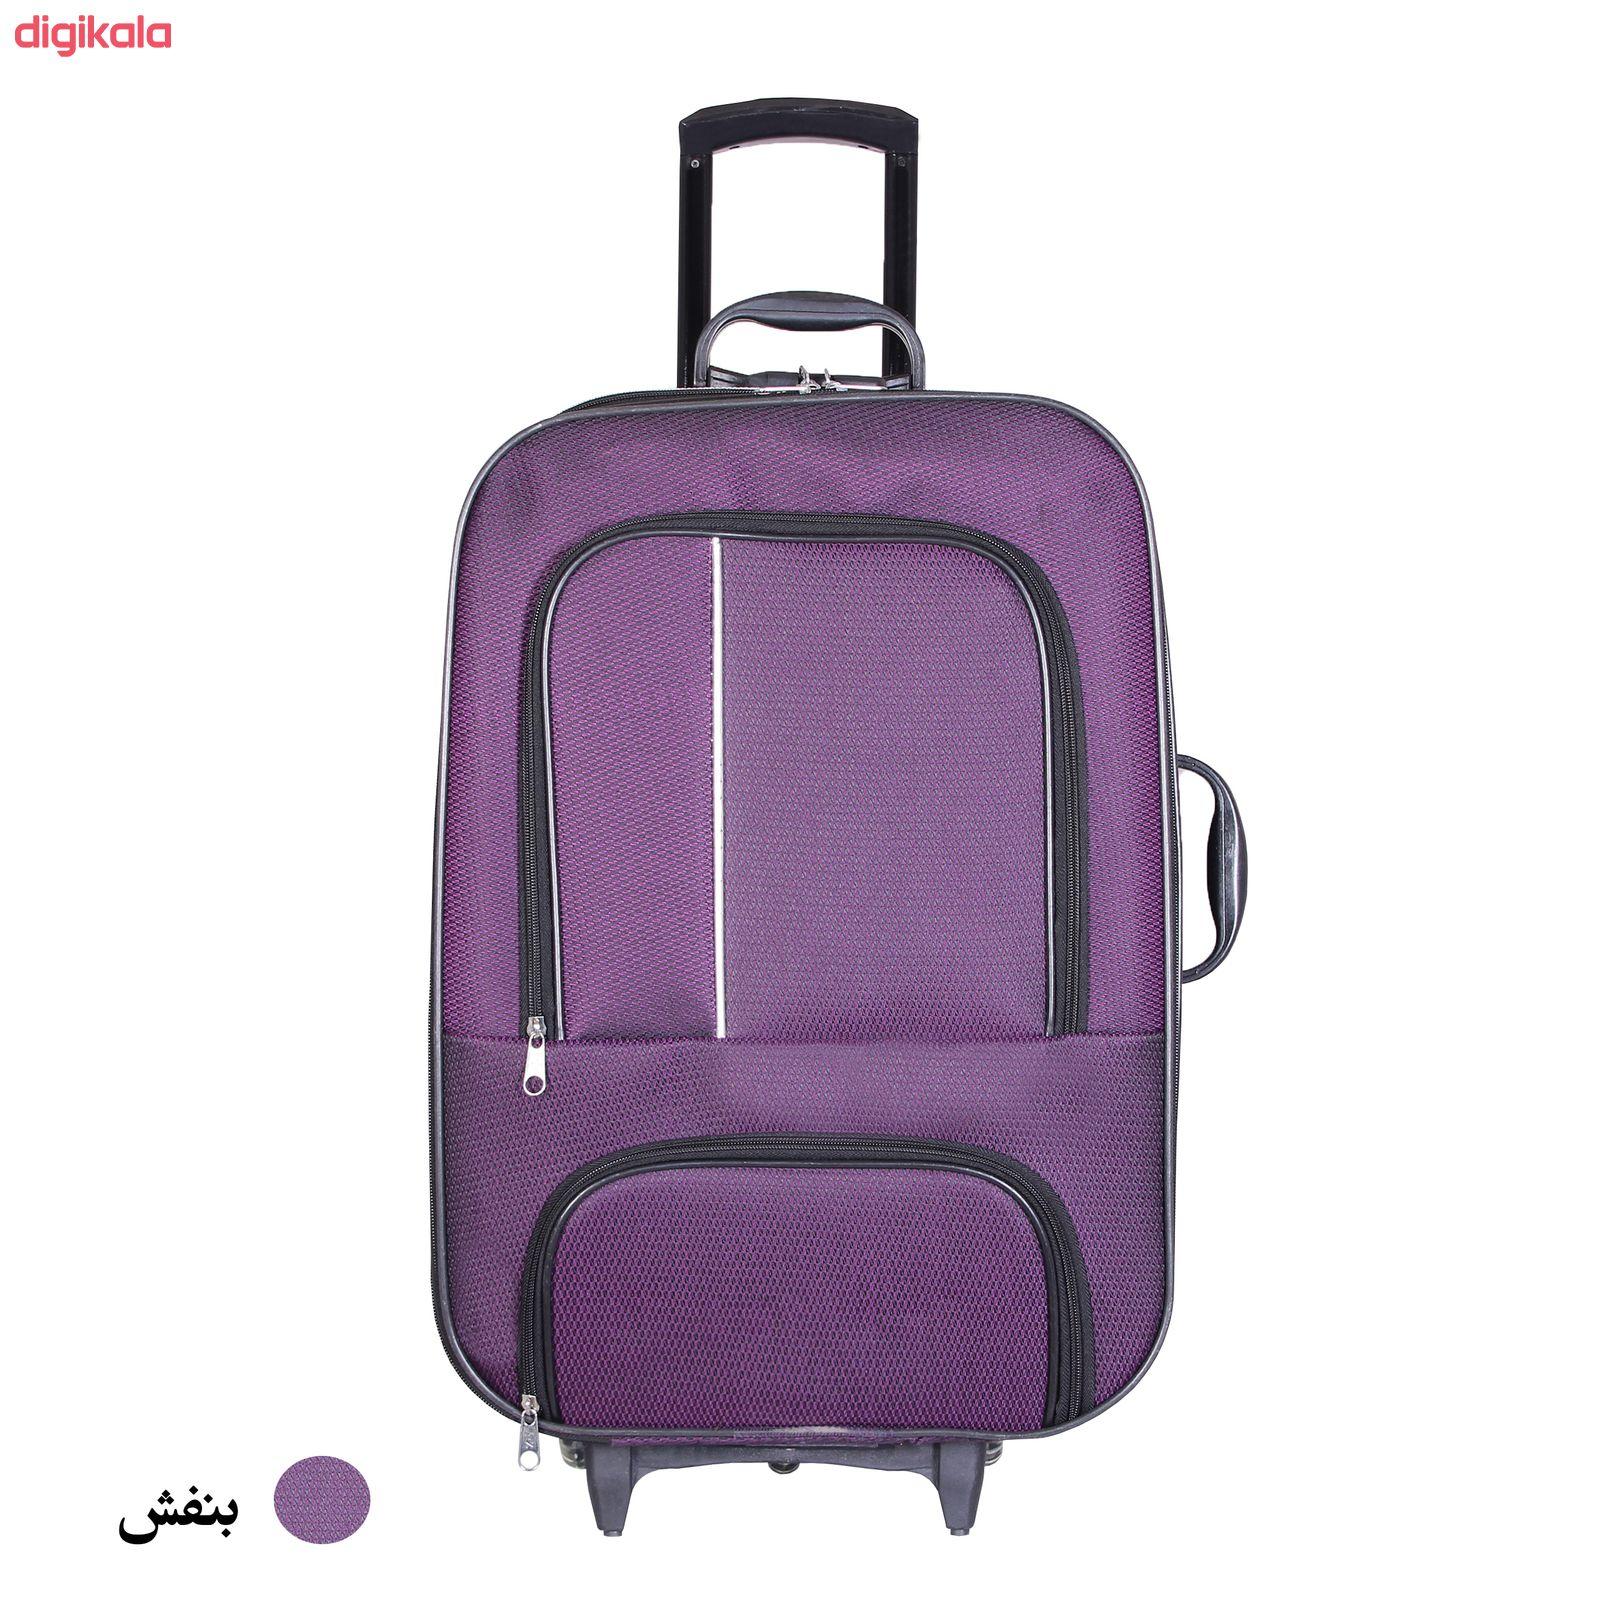 مجموعه دو عددی چمدان پرواز مدل M01000 main 1 1